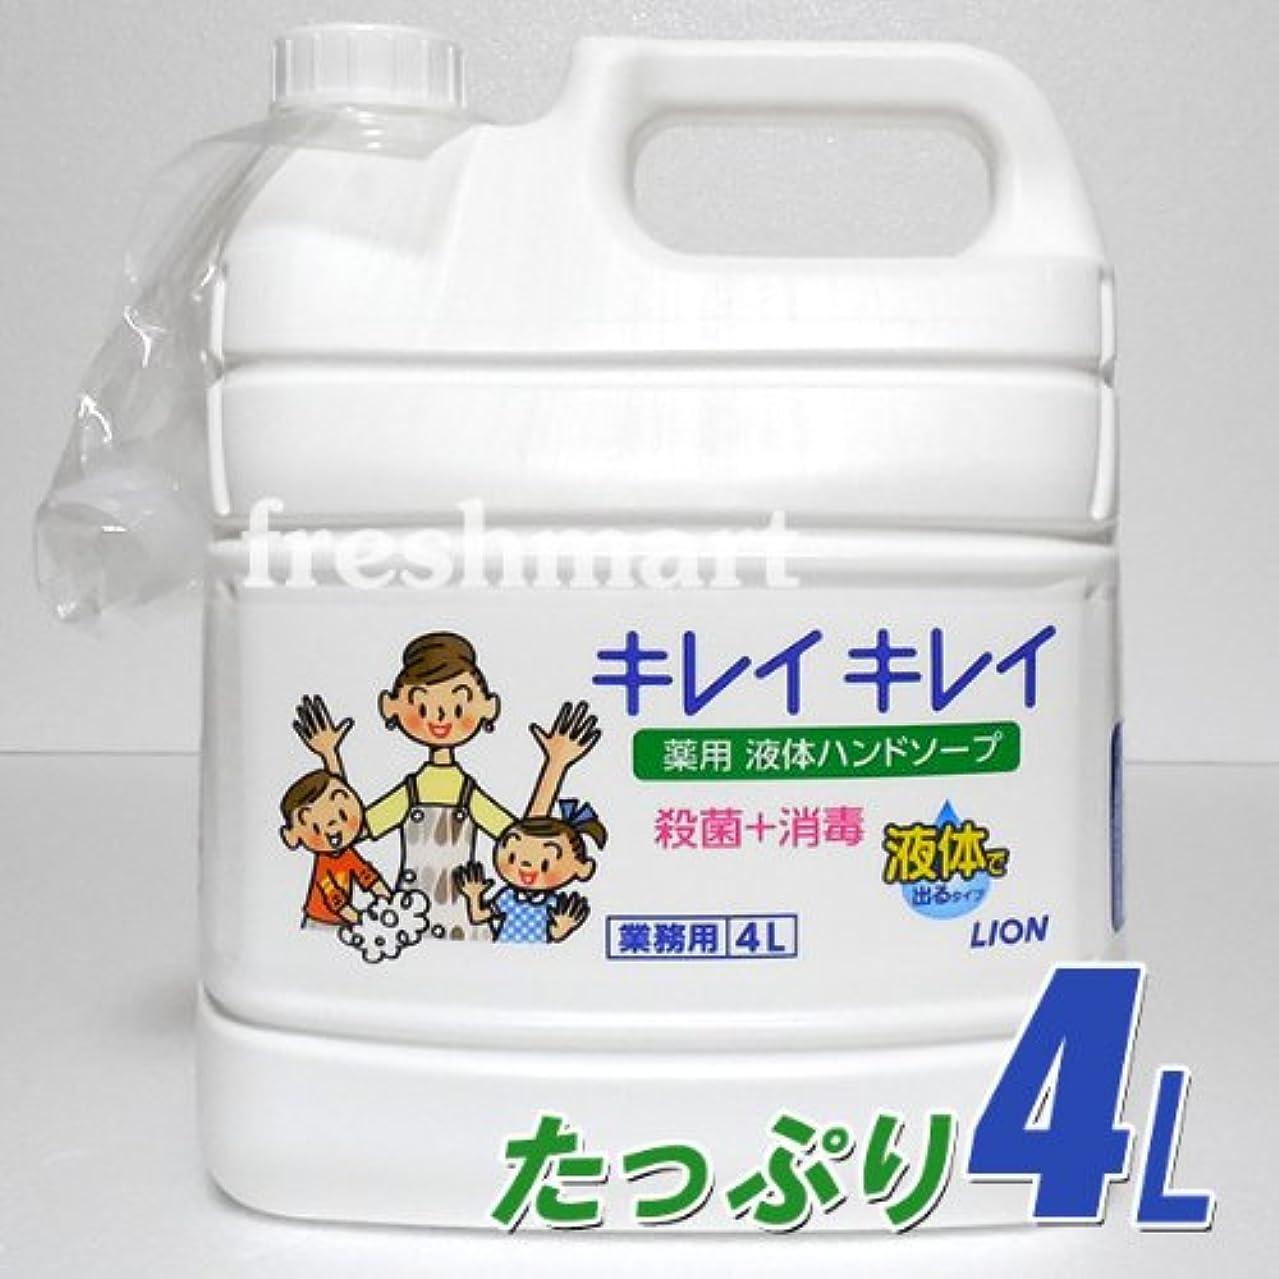 町コンパニオン味わう☆100%植物性洗浄成分使用☆ ライオン キレイキレイ 薬用液体ハンドソープ つめかえ用4L 業務用 大容量 ボトル